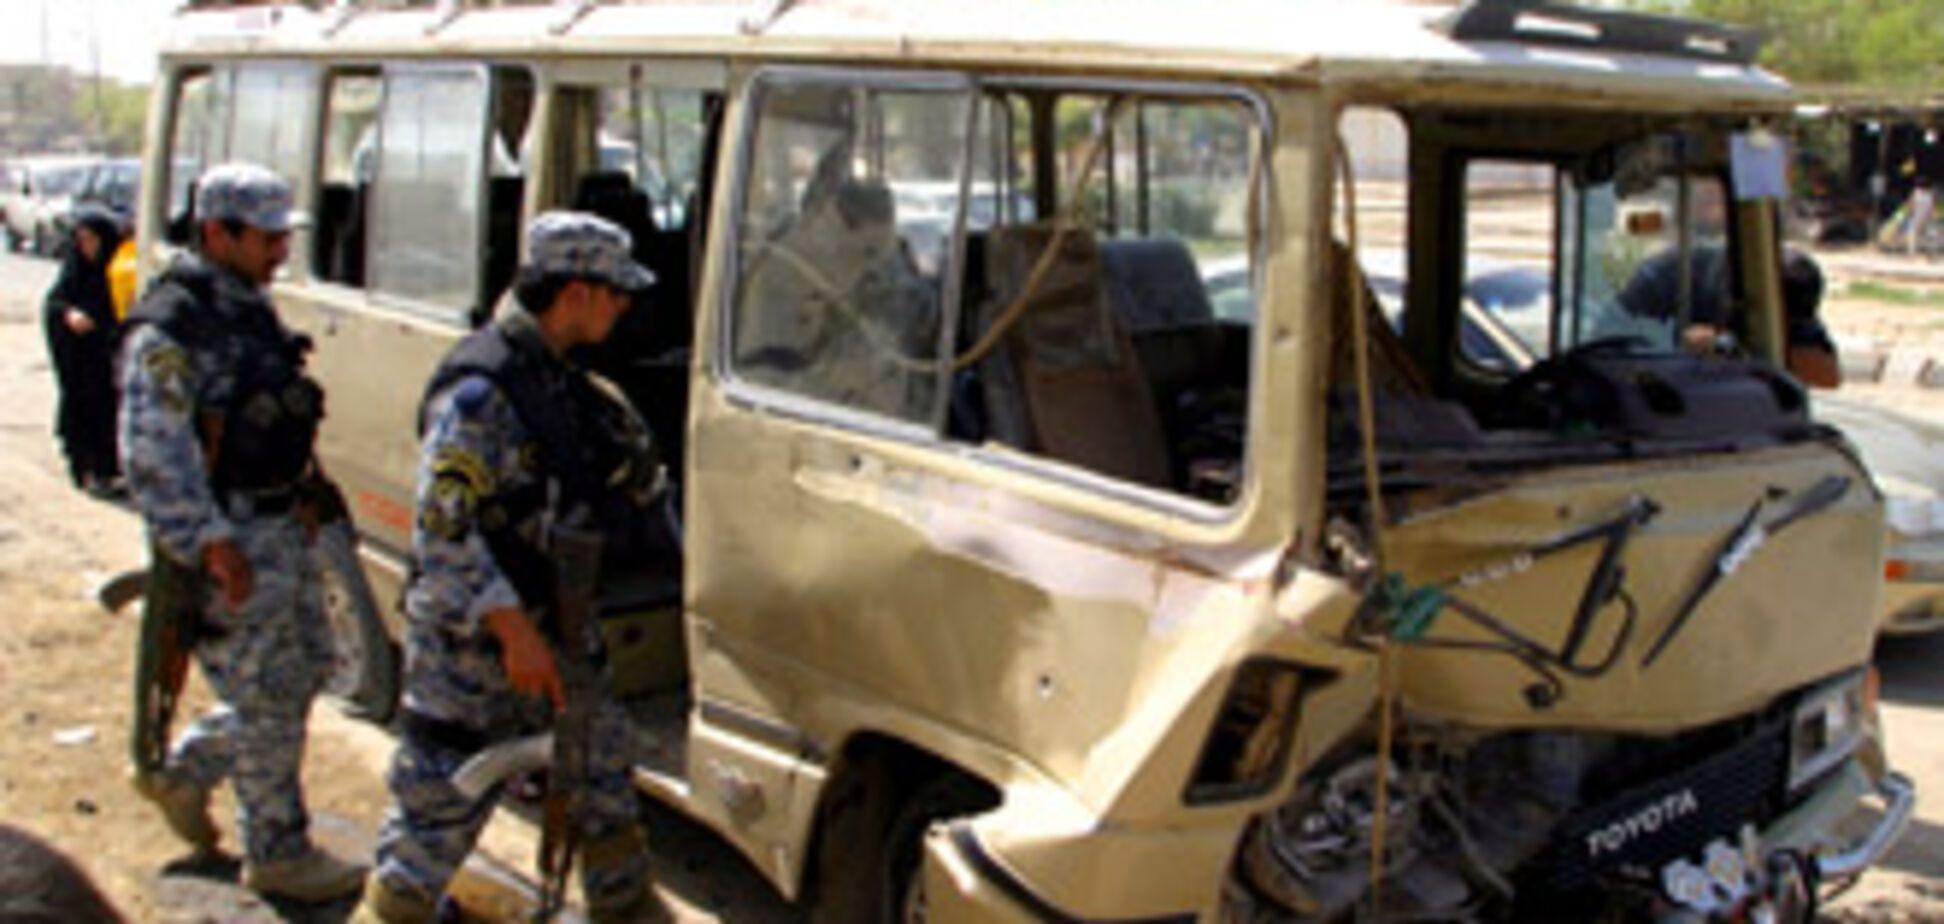 Около 50 человек погибли от серии терактов